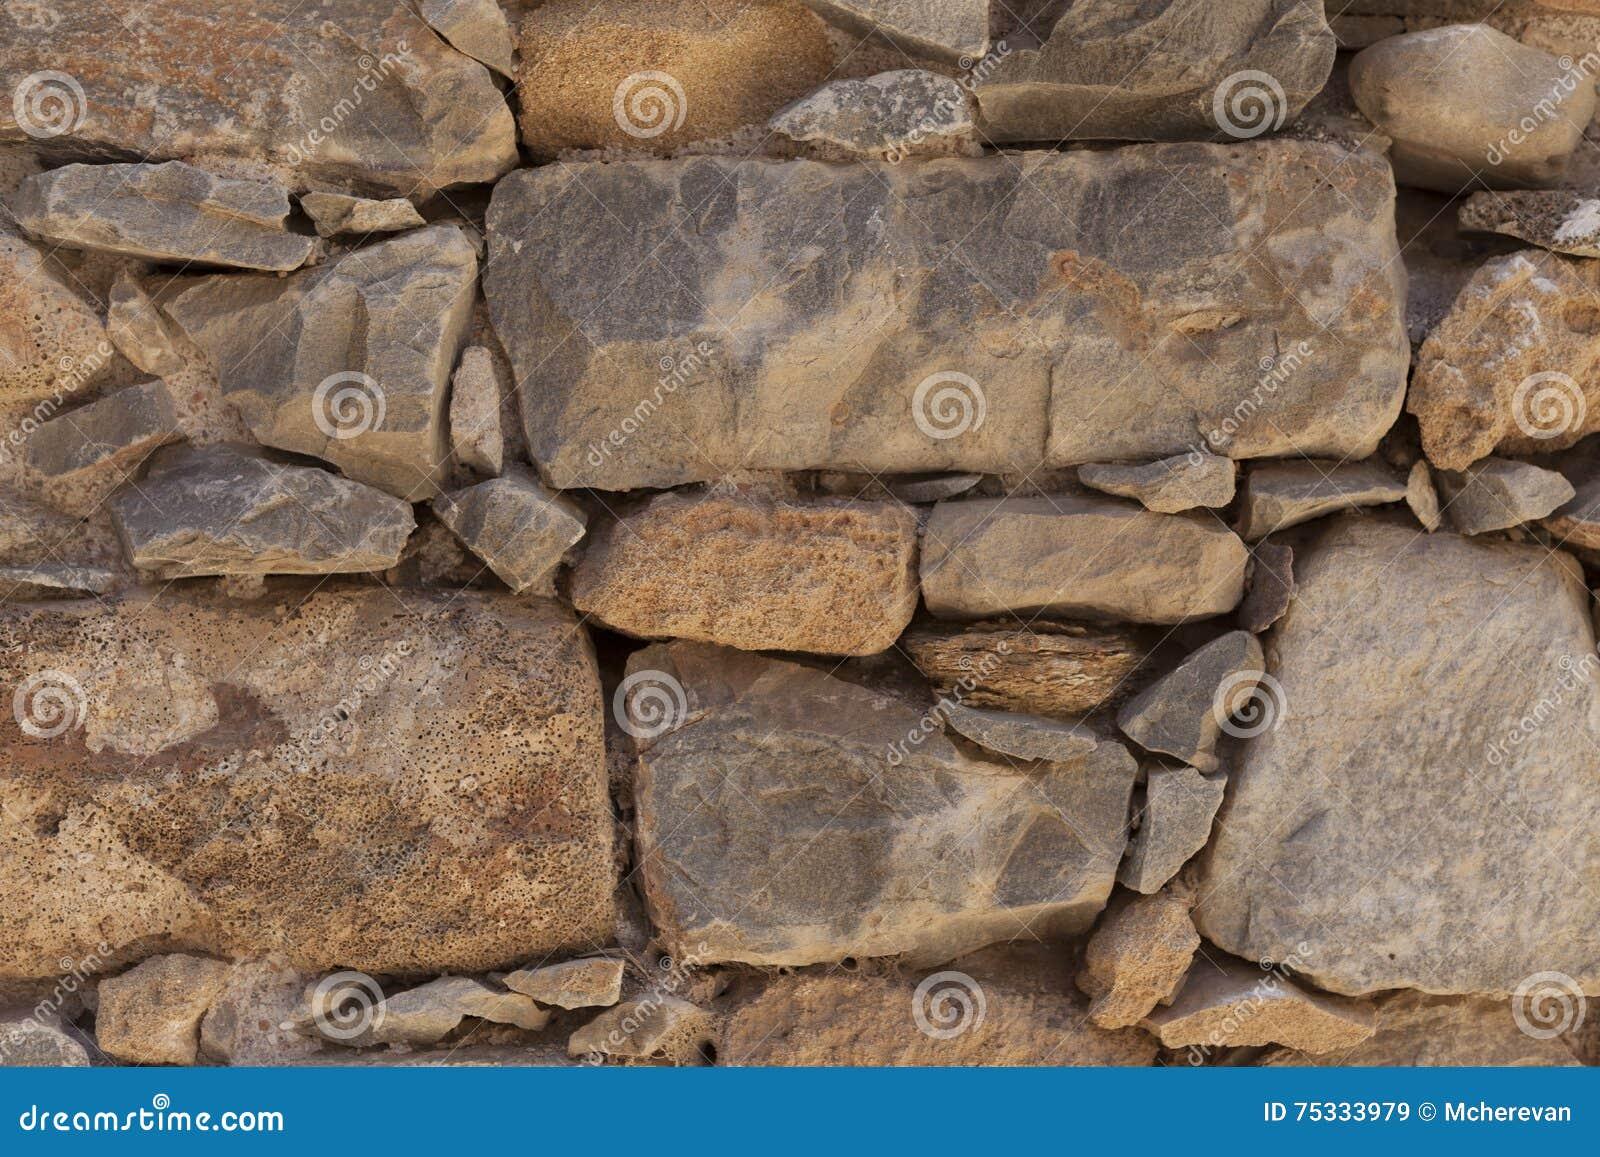 Carta Da Parati Pois Grandi : Parete dal basalto strutturato della grande pietra buon fondo per la